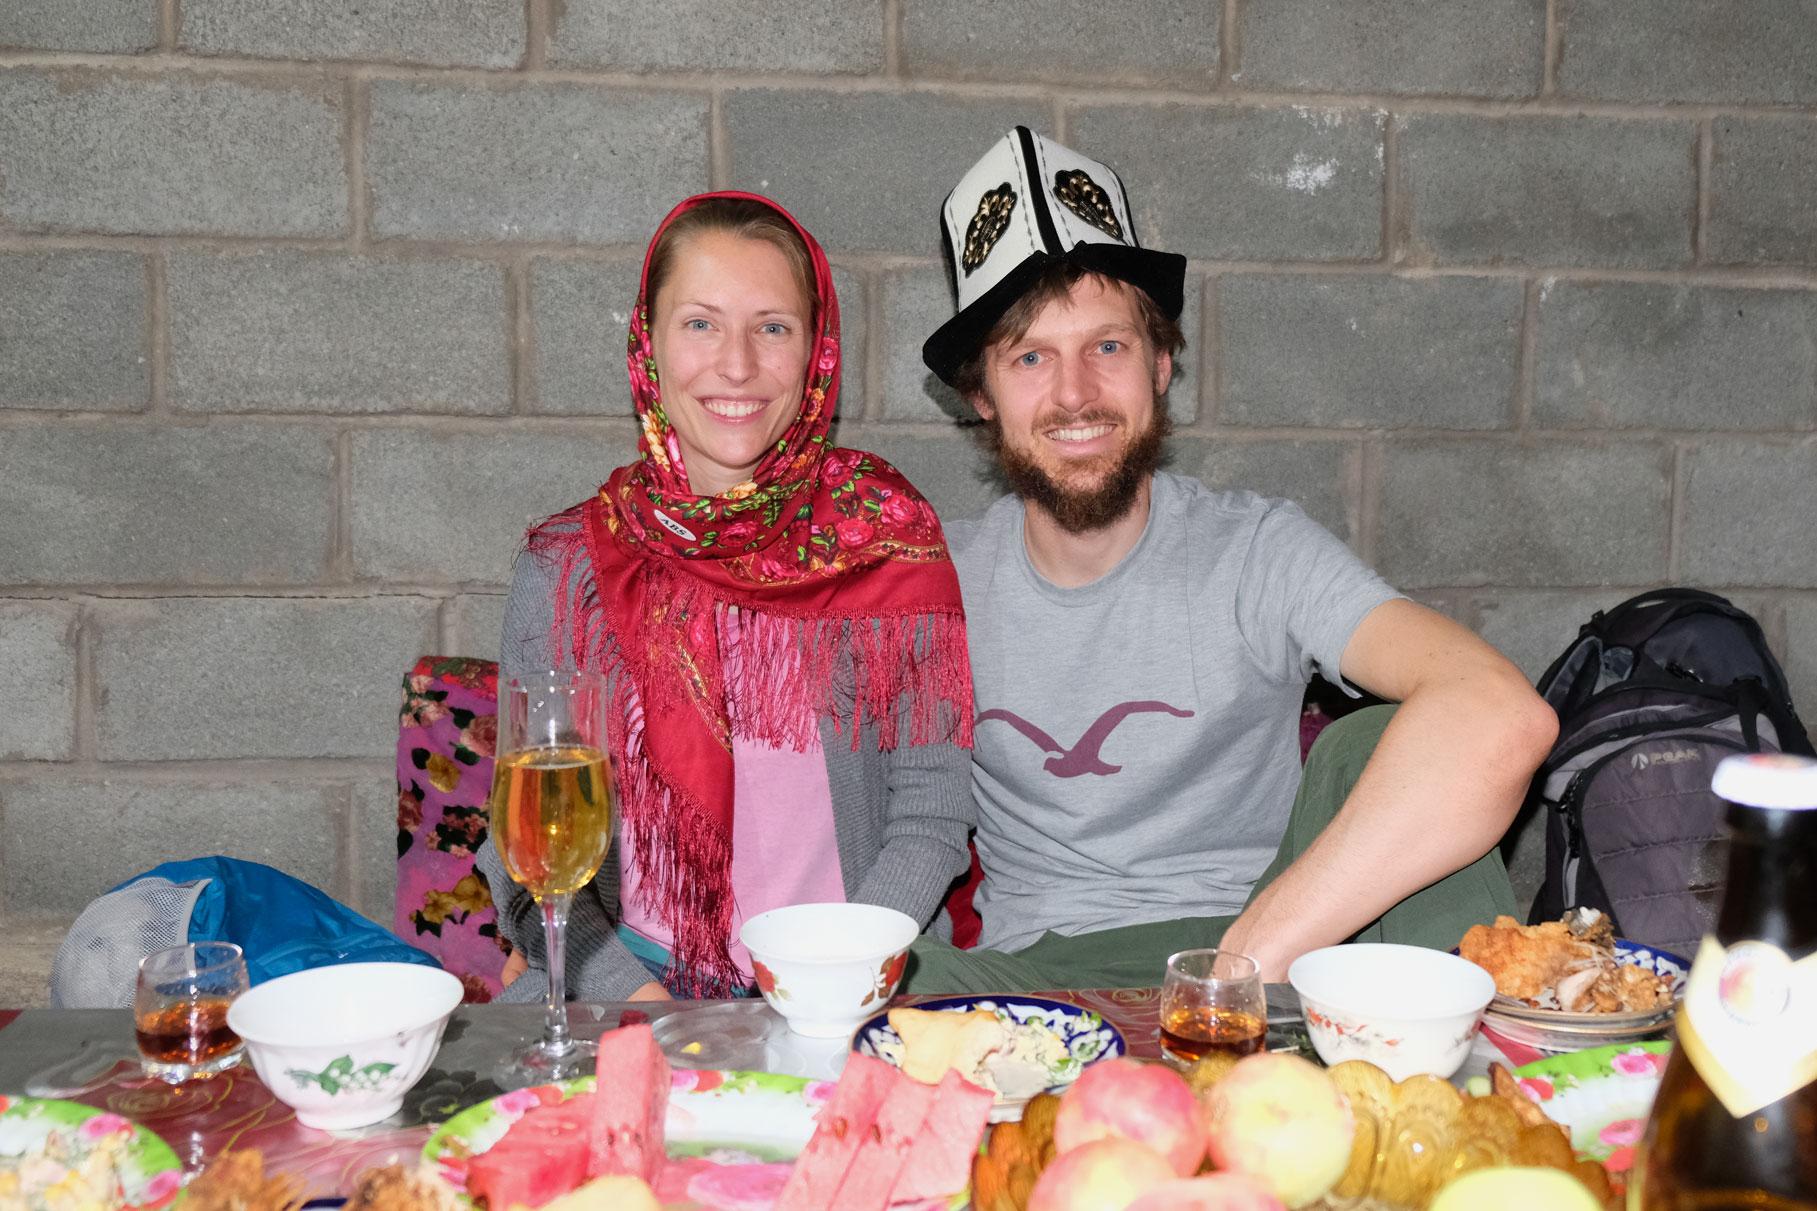 Leo mit Kopftuch und Sebastian mit traditionellem Kalpak sitzen an einem gedeckten Tisch.